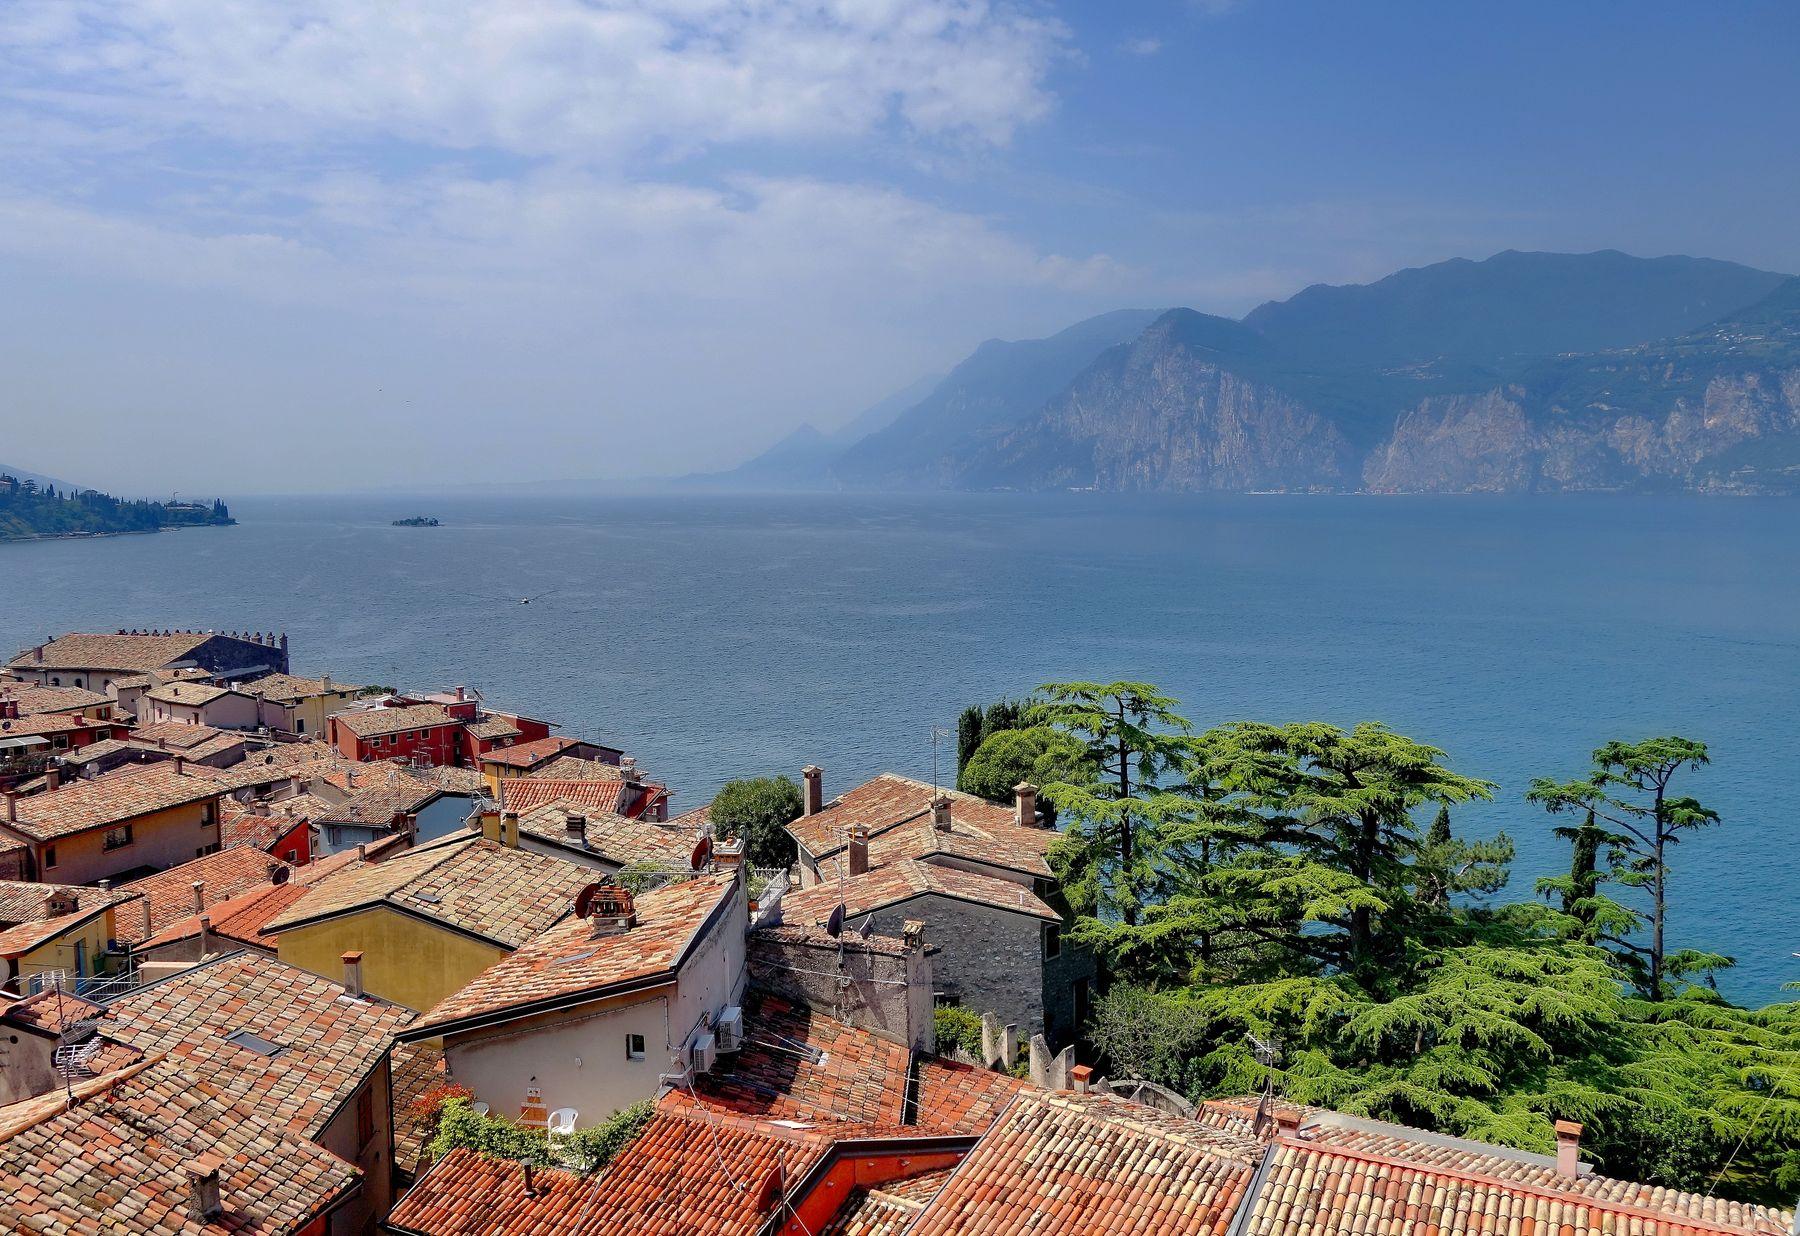 ***вид с черепичных крыш на озеро Гарда озеро Гарда Италия черепичные крыши виды